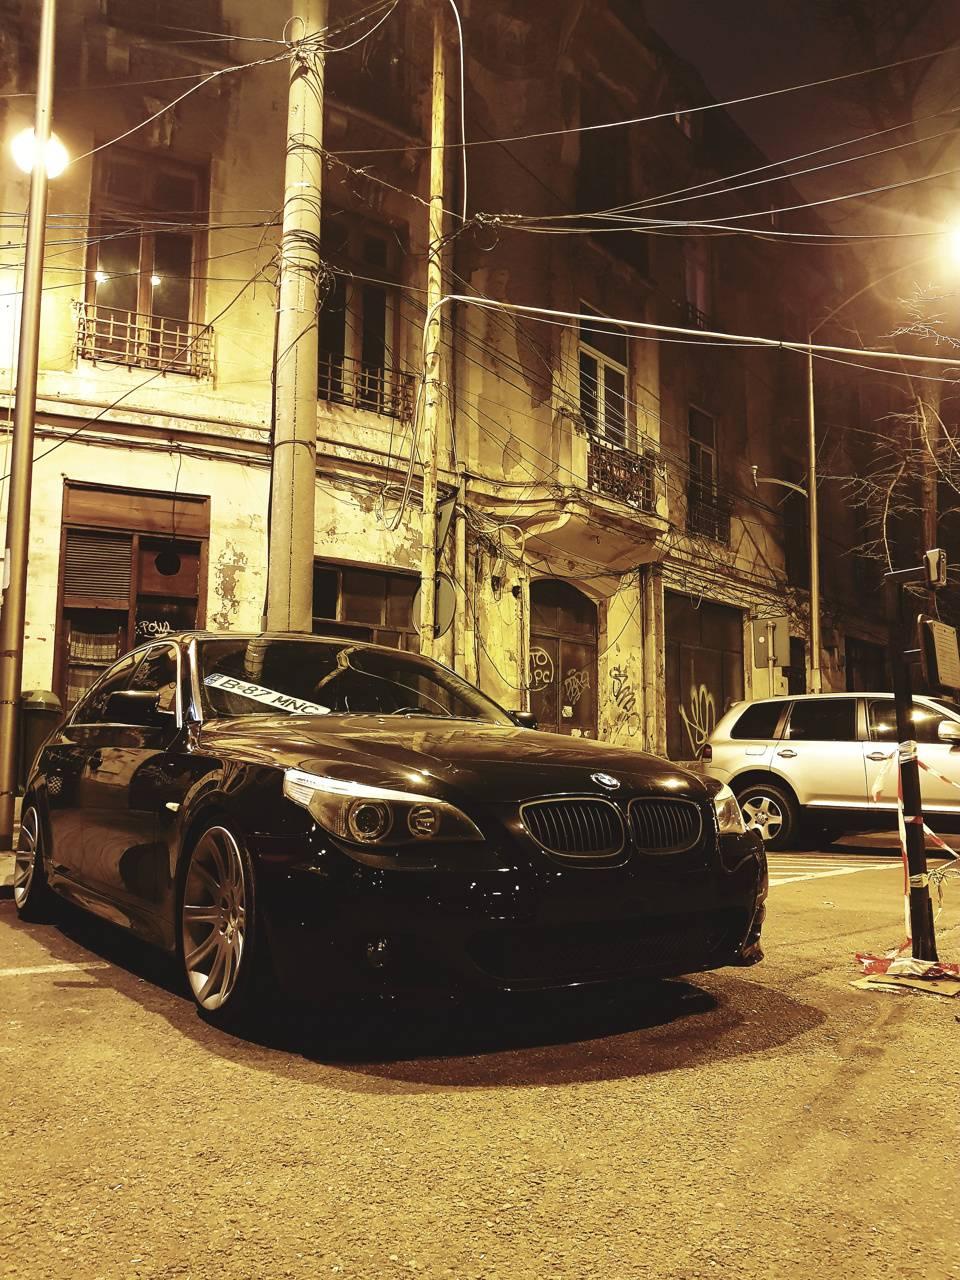 Ghetto Bmw